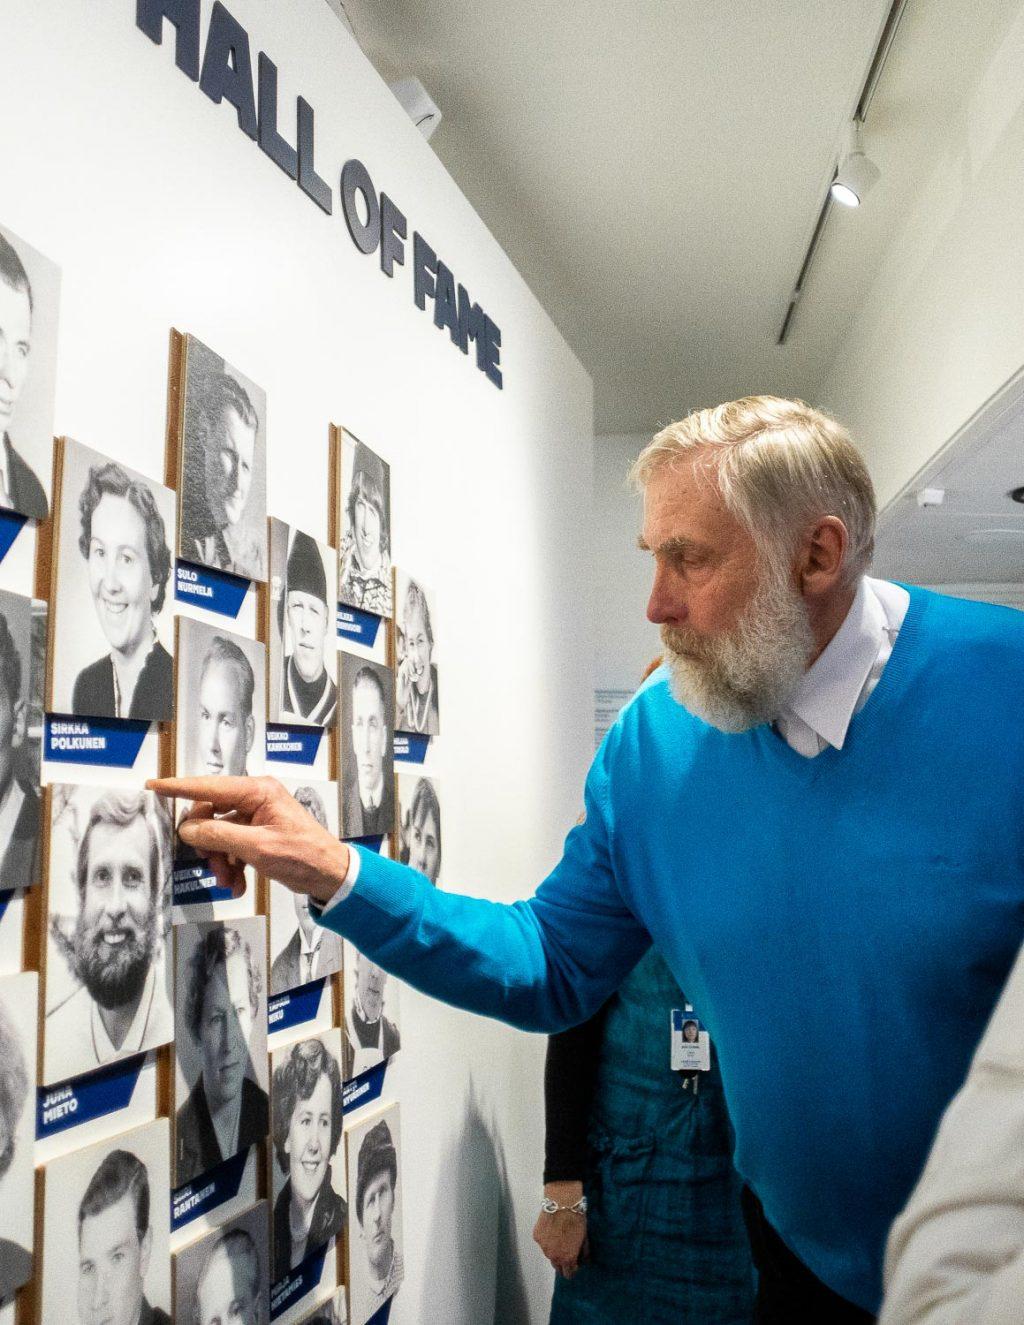 Hiihtäjä Juha Mieto katsoo Hall of Fame -seinää.